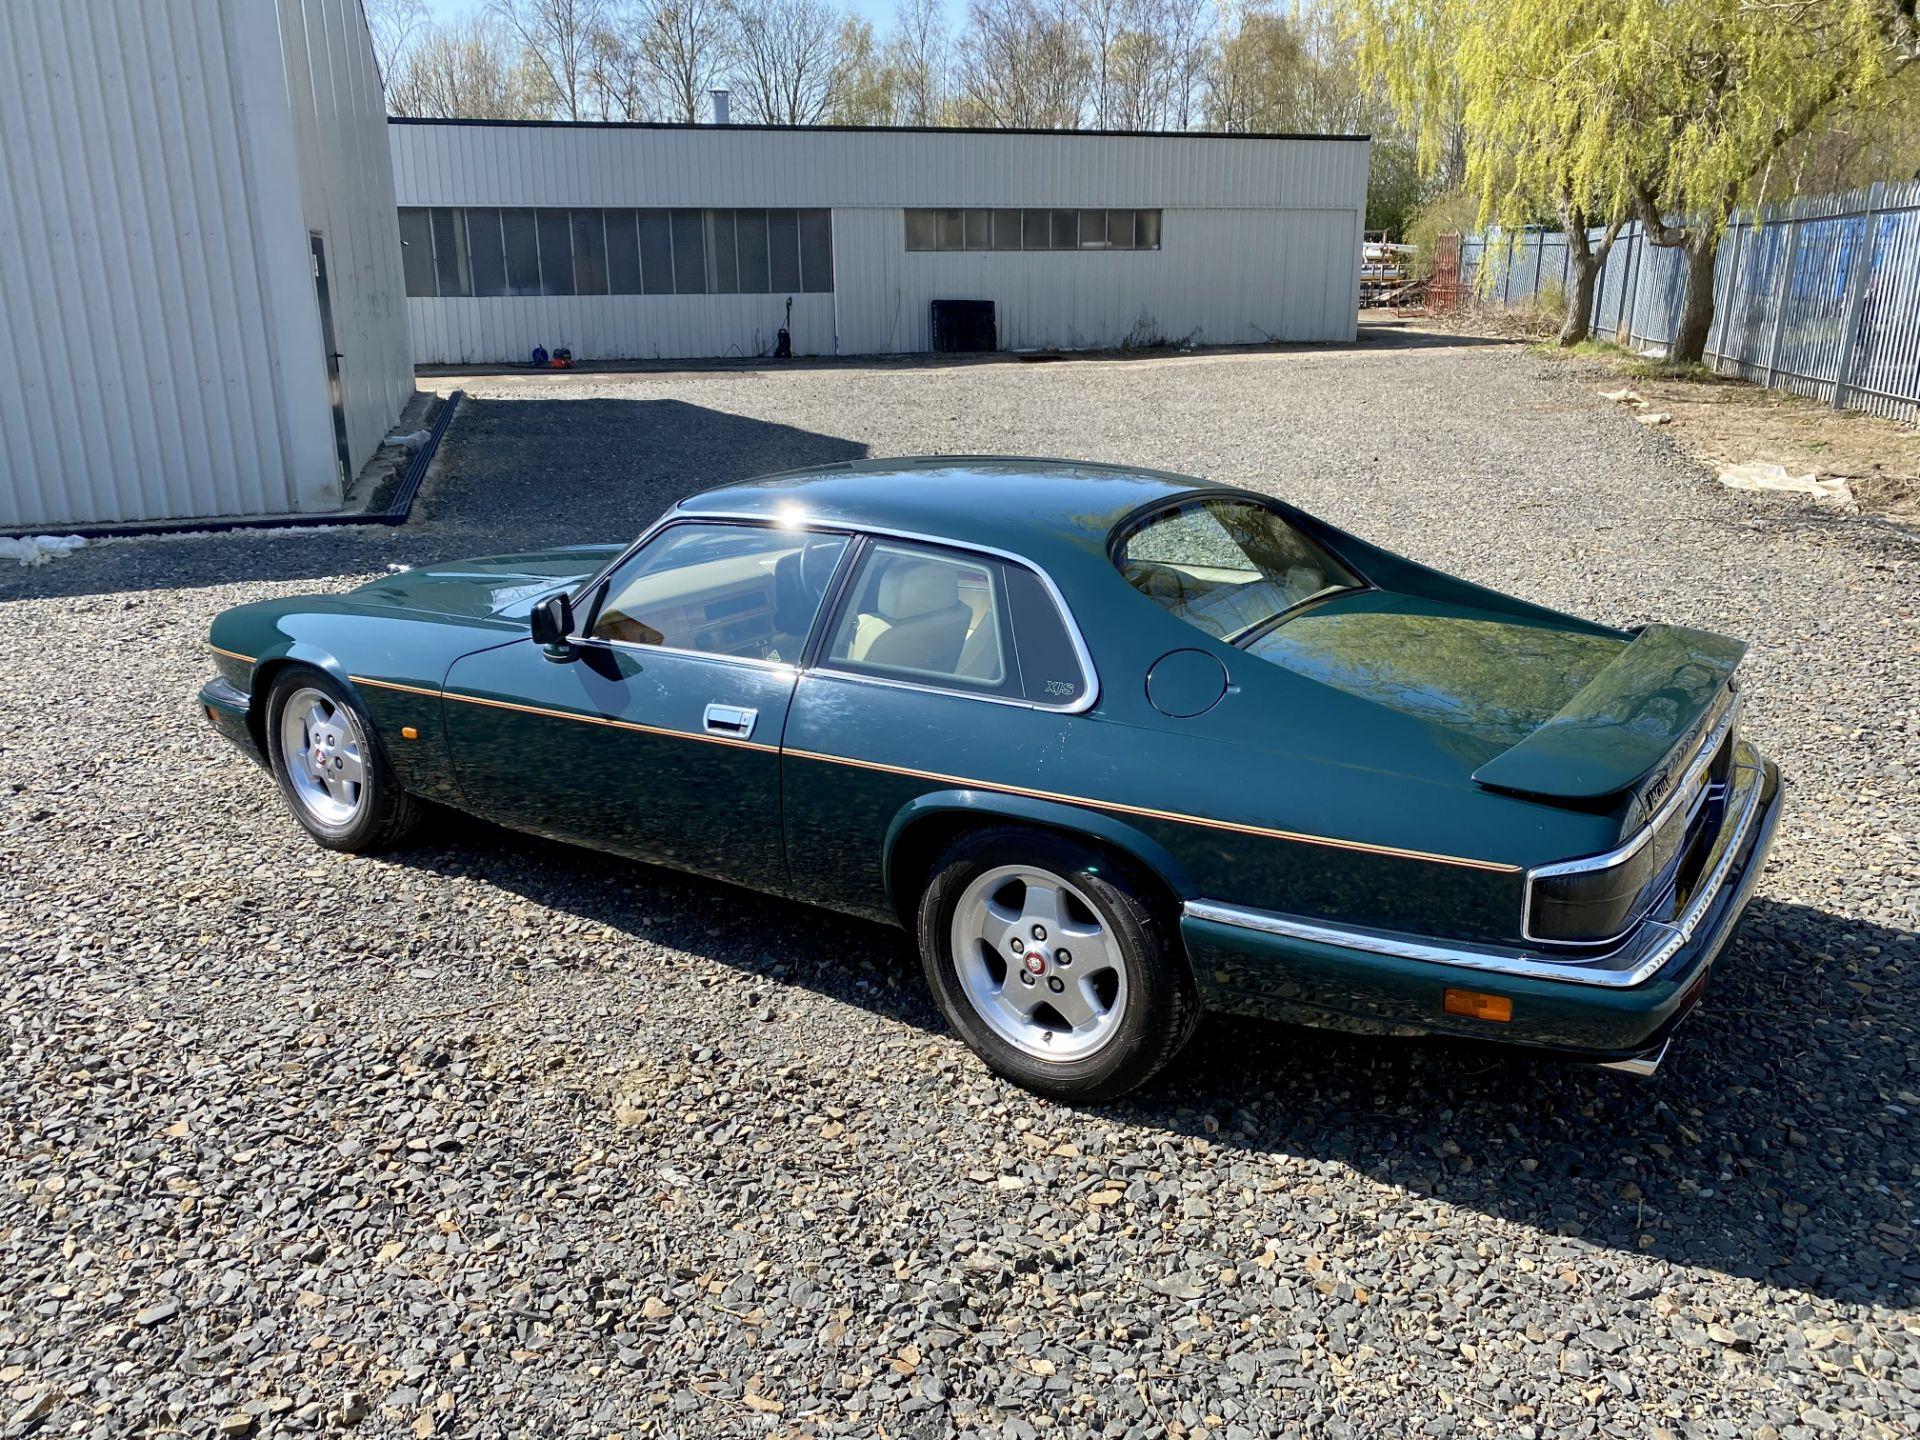 Jaguar XJS coupe - Image 11 of 64